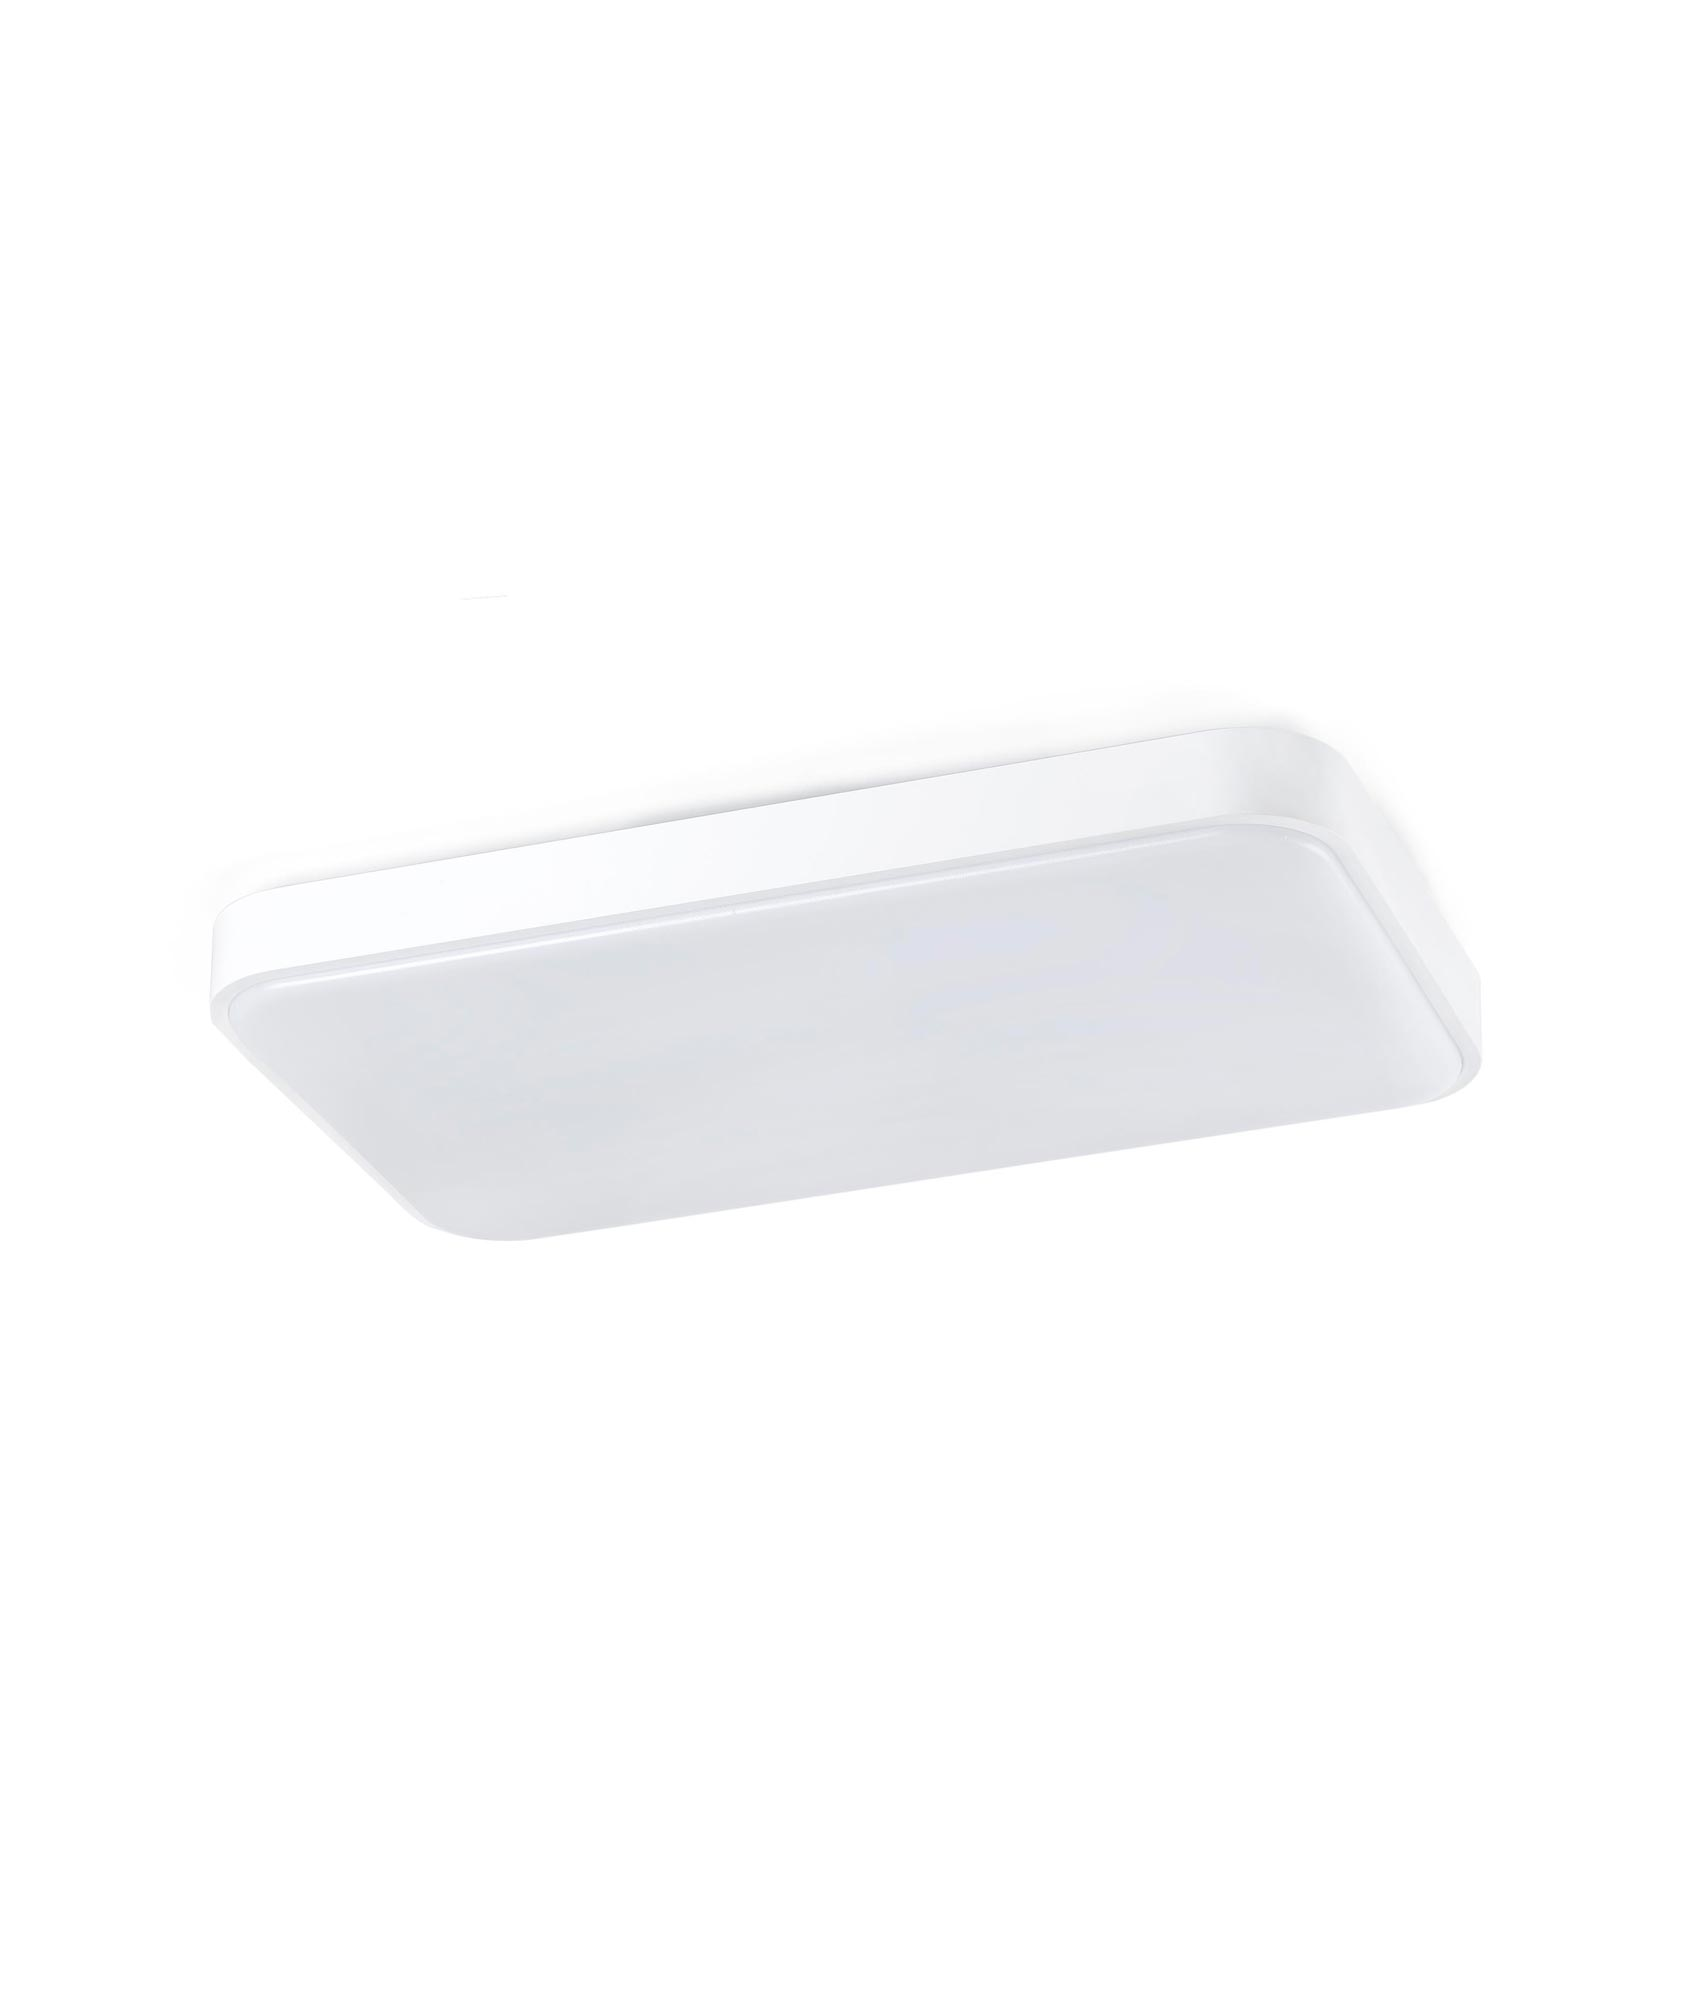 Lámpara plafón LED SOGO-1 blanca